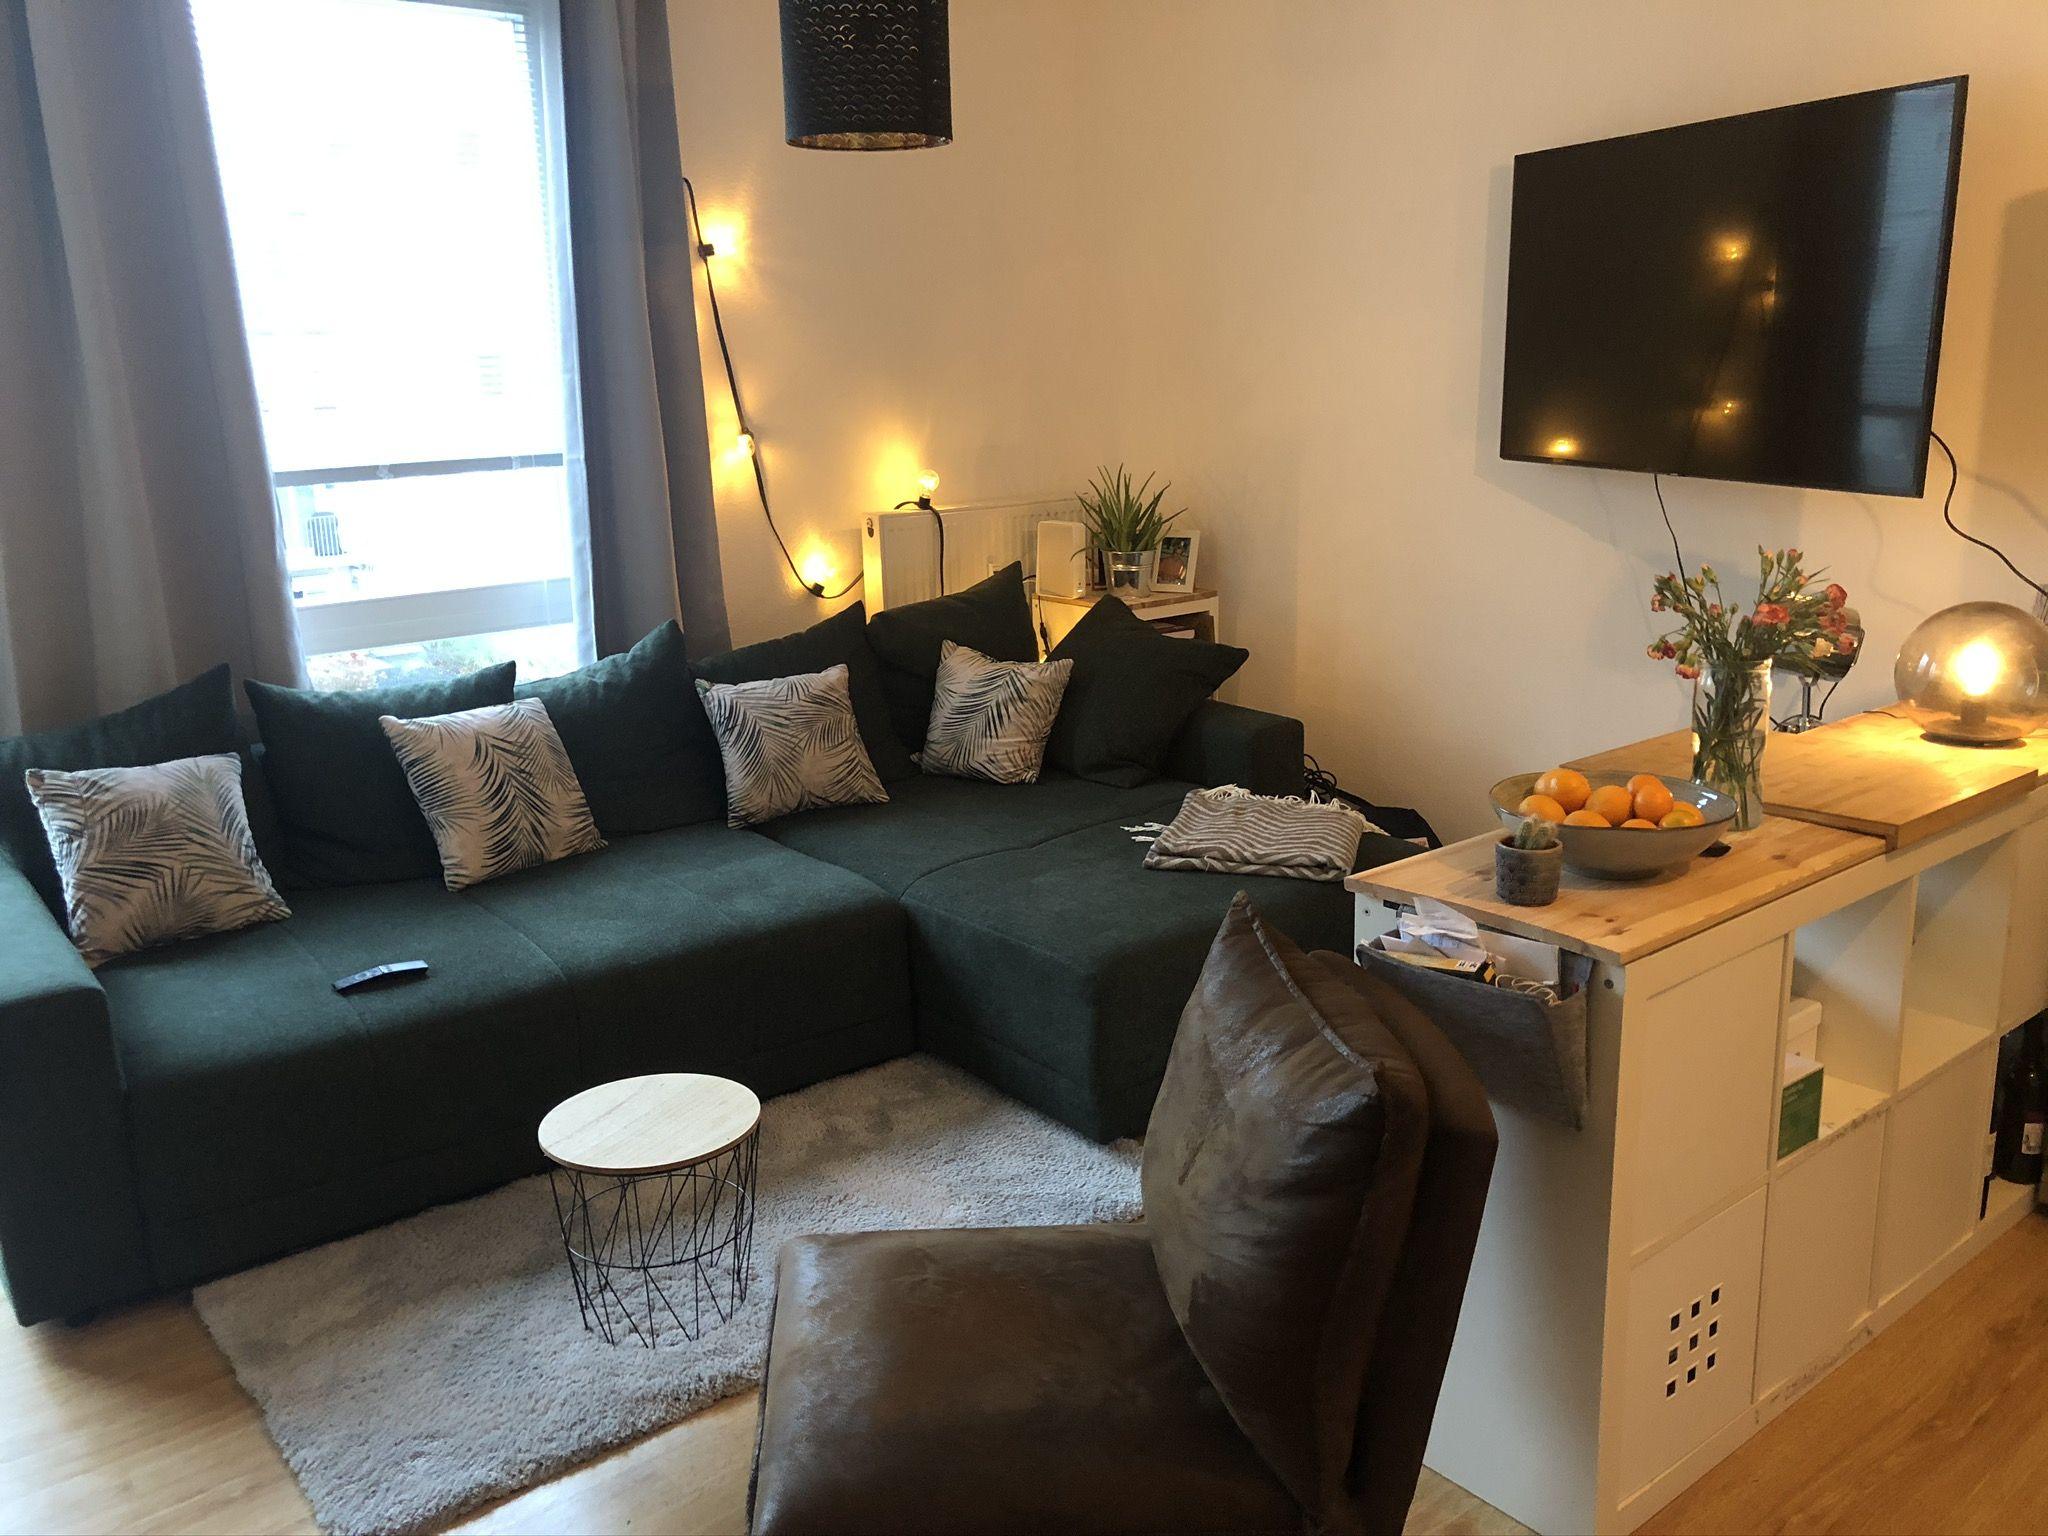 Gemütliches Wohnzimmer   Türkische möbel, Gemütliches wohnzimmer, Mondo möbel